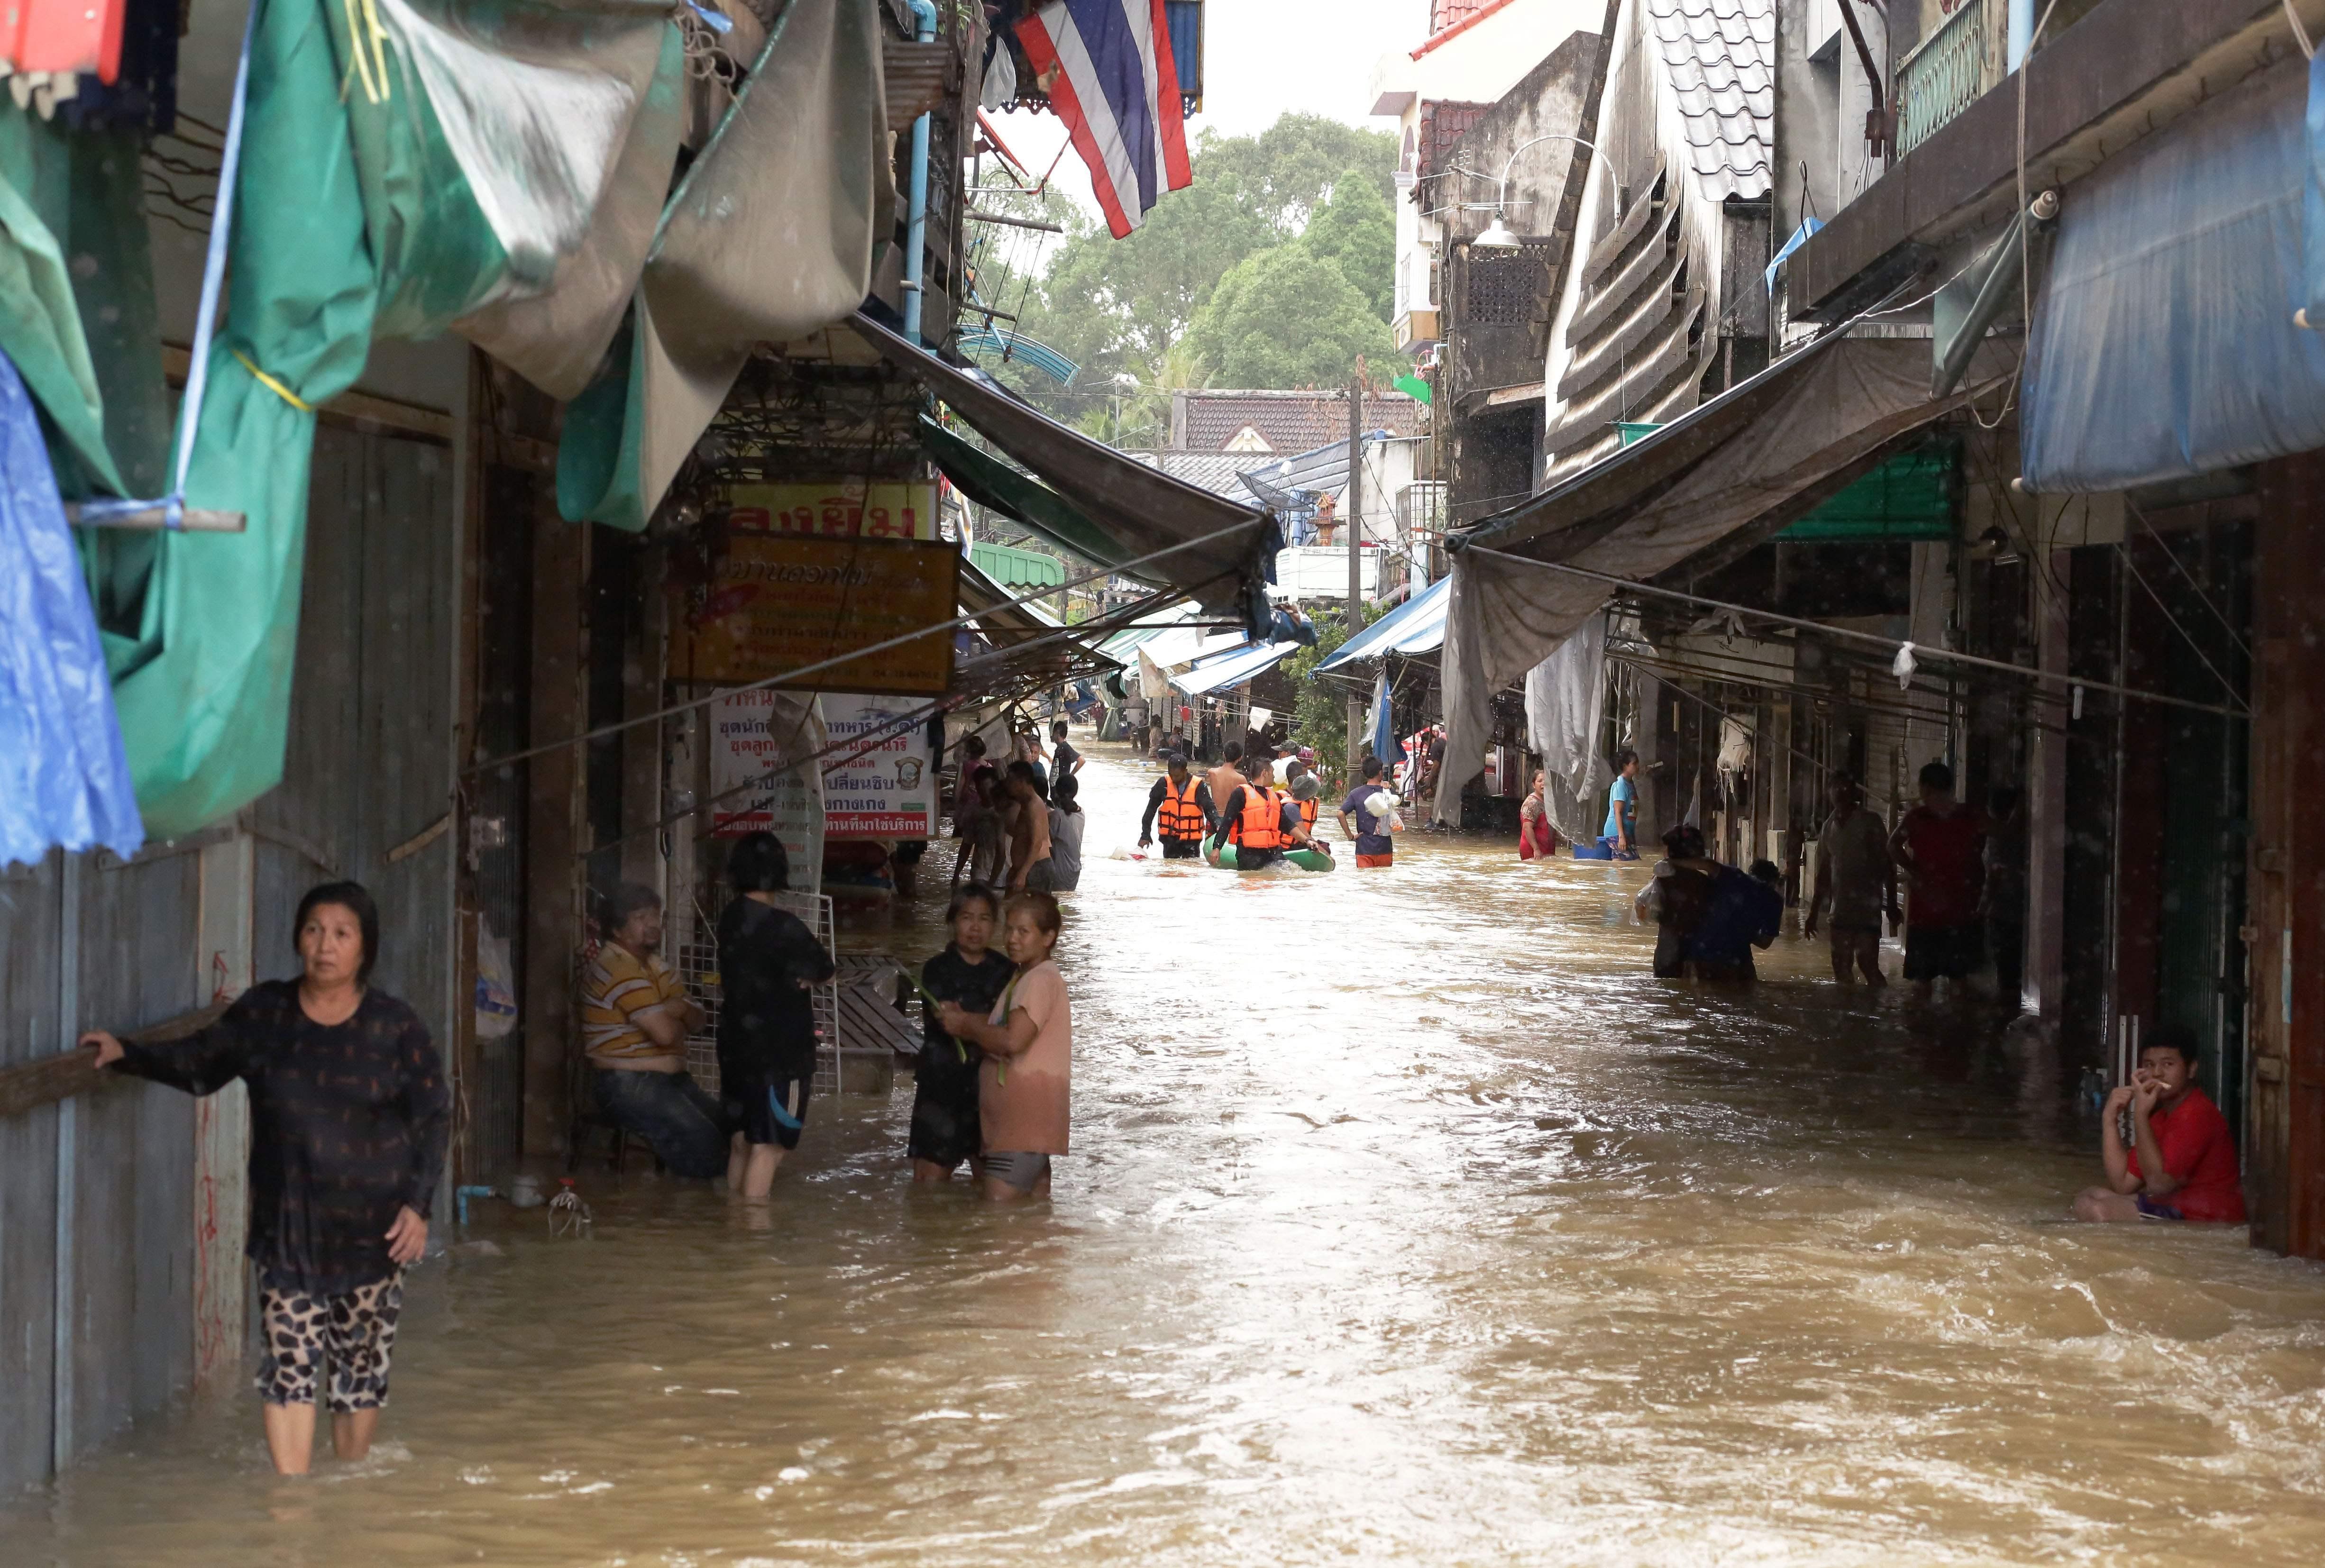 سكان فى إحدى القرى فى تايلاند خارج يقفون خارج منازلهم بسبب فيضانات مياه الأمطار - أ ف ب